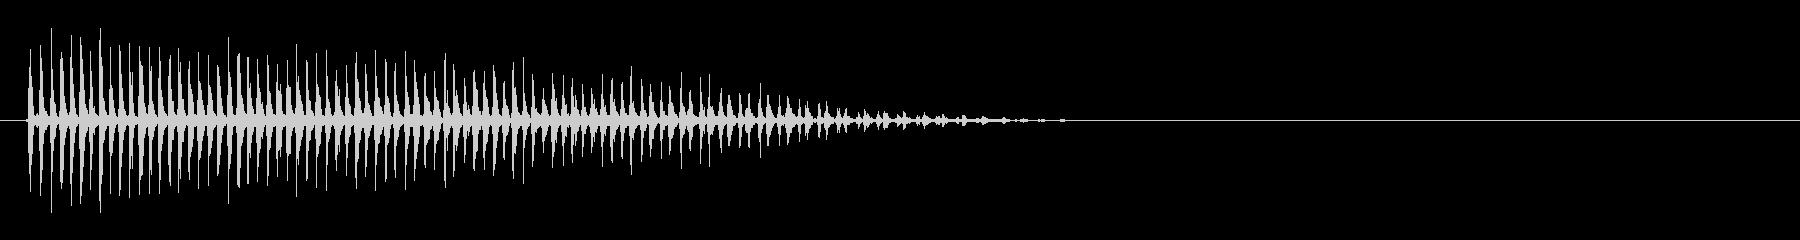 定番「カーッ!」ビブラスラップの音FX1の未再生の波形